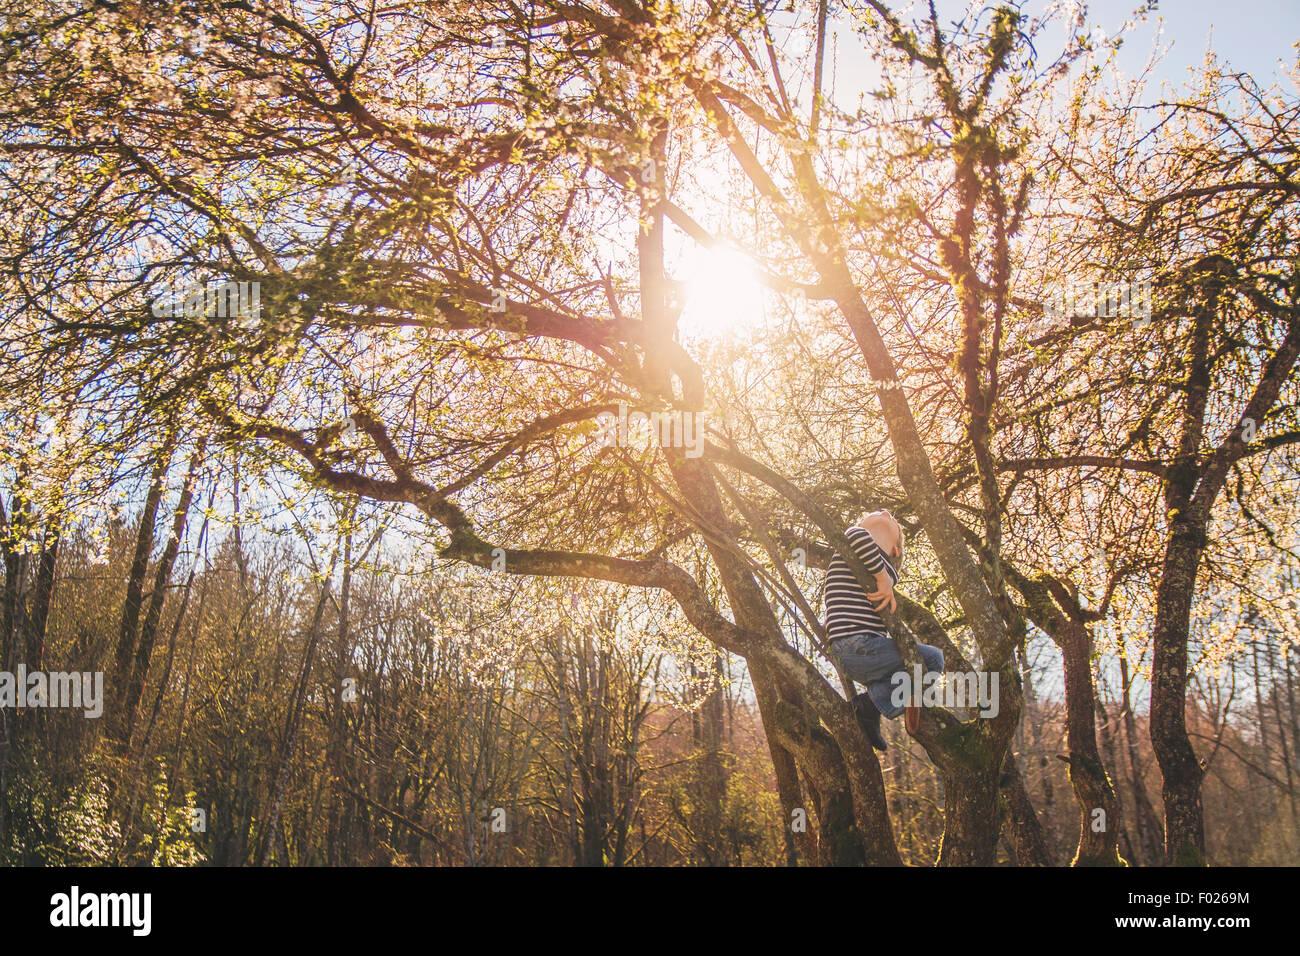 Junge, die einen Baum klettern Stockbild